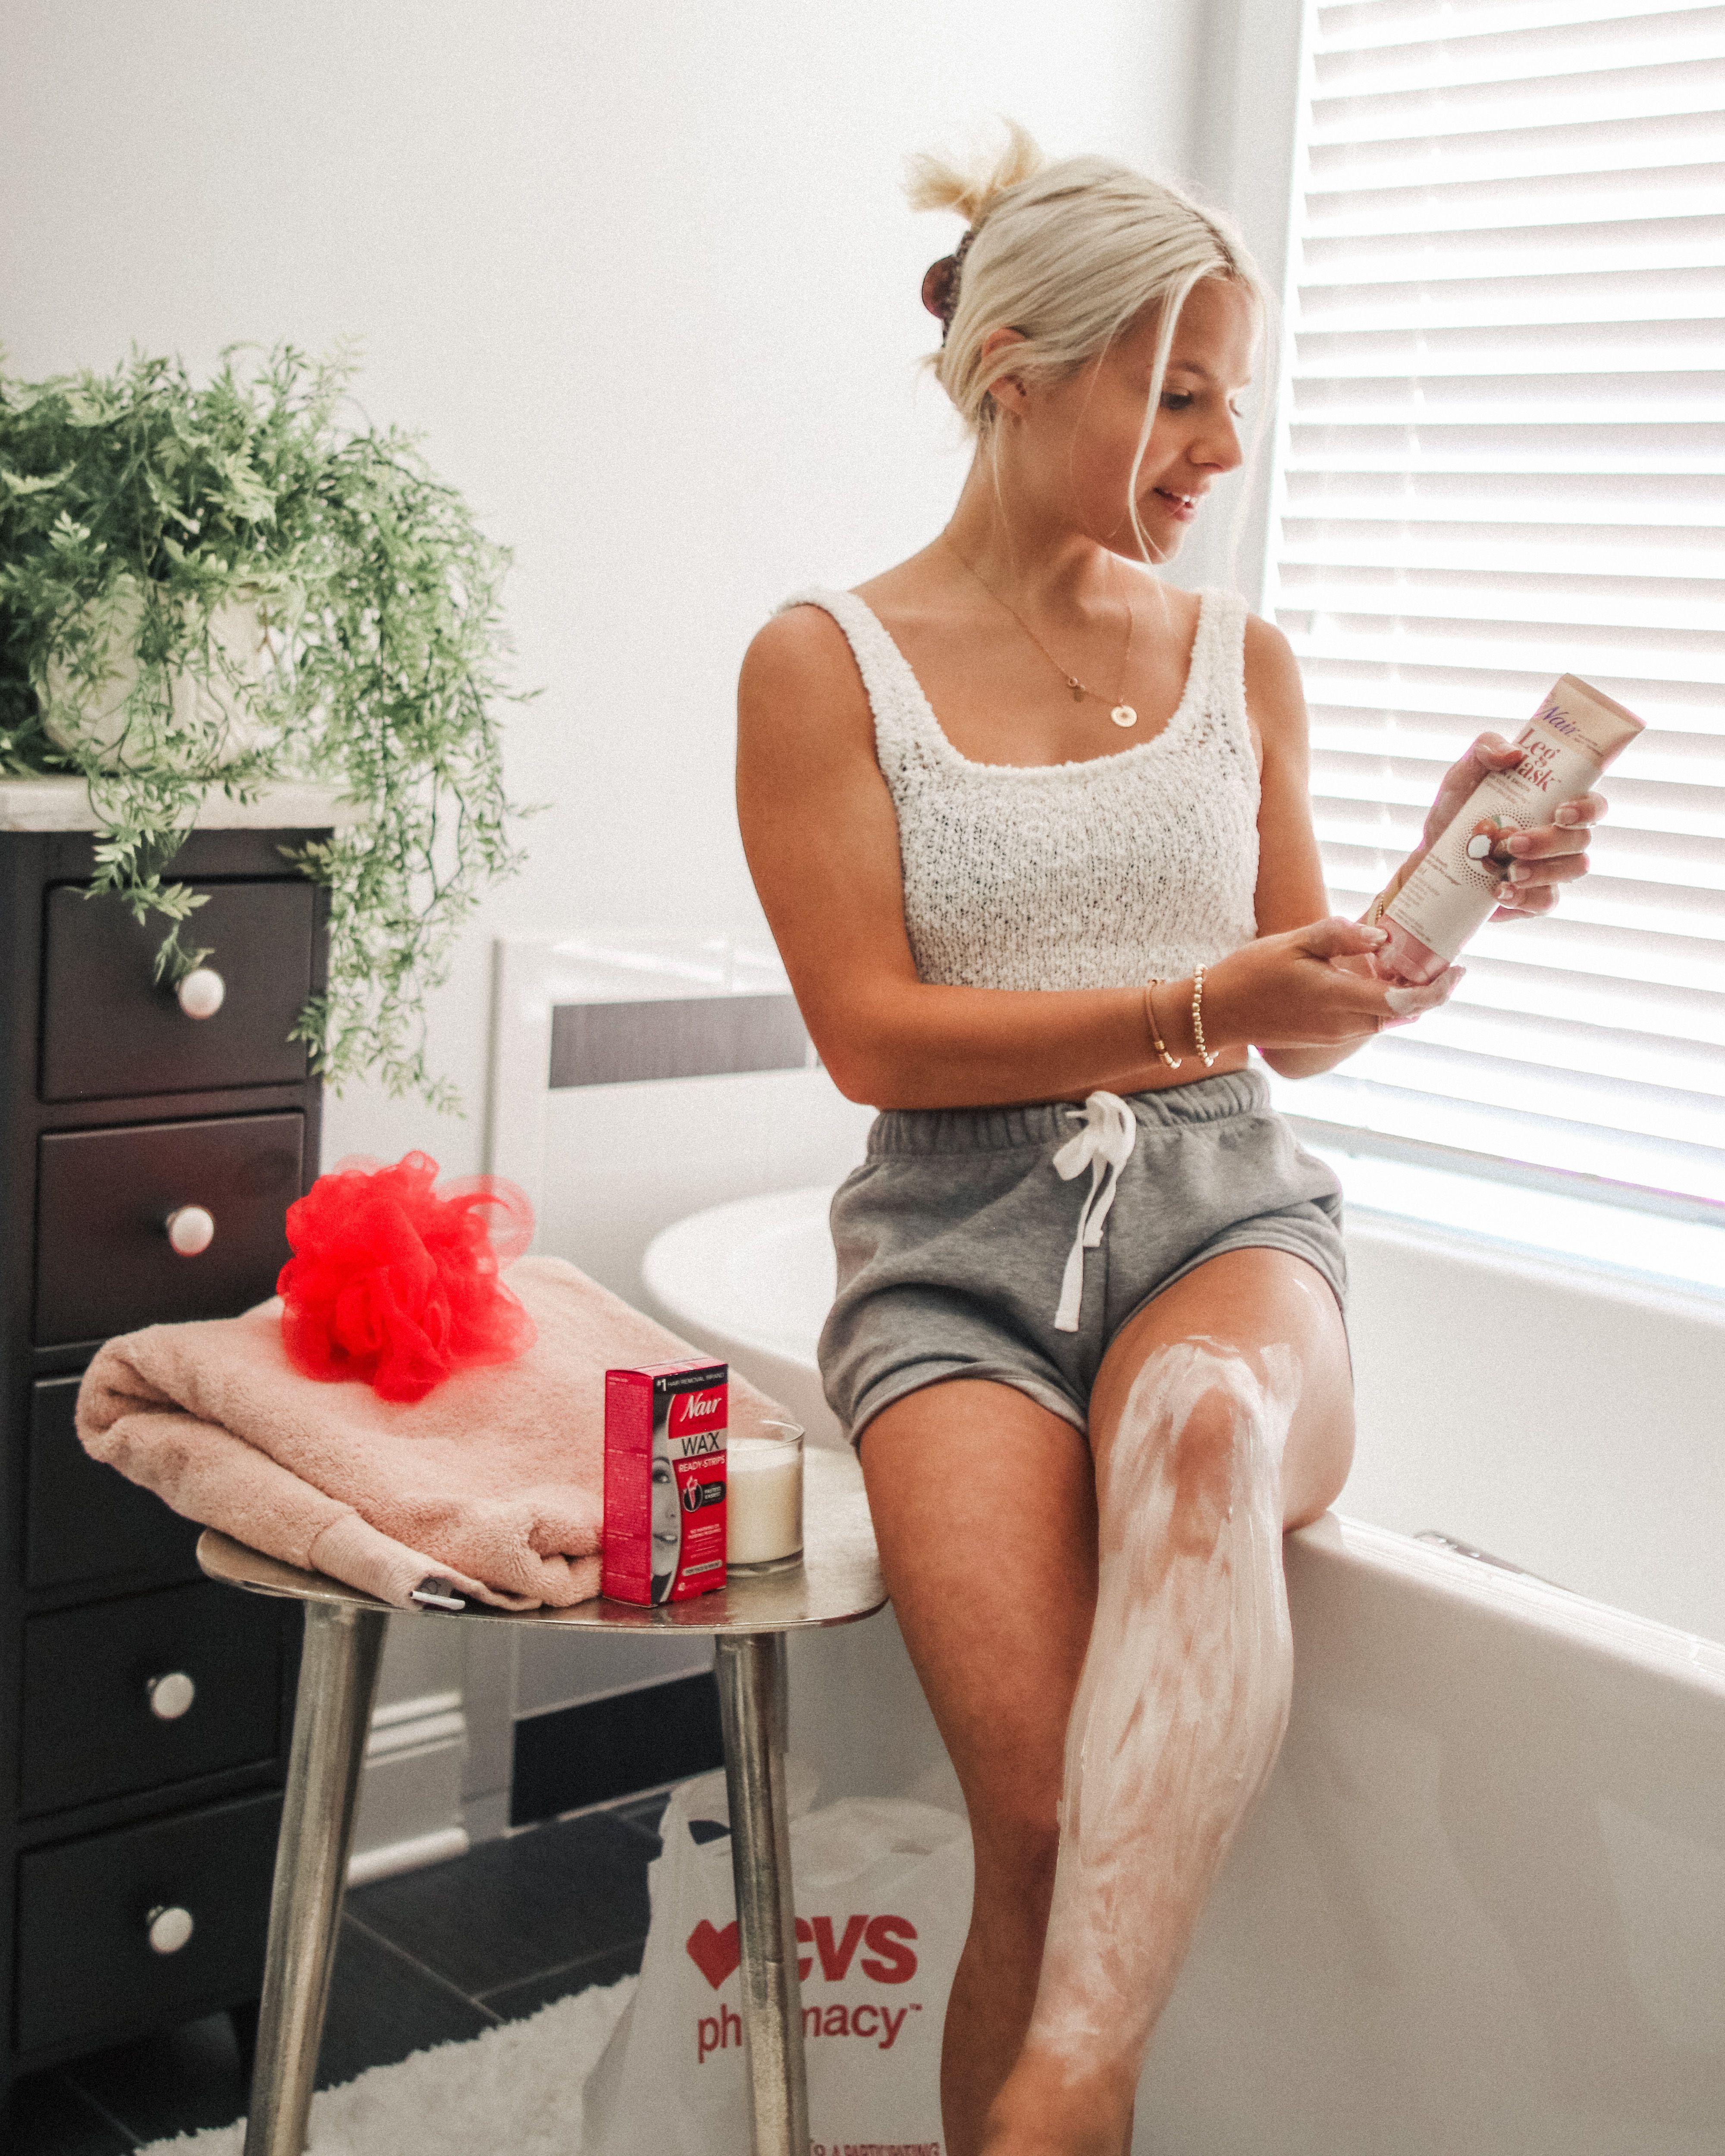 Find nair leg masks and waxready strips at cvs